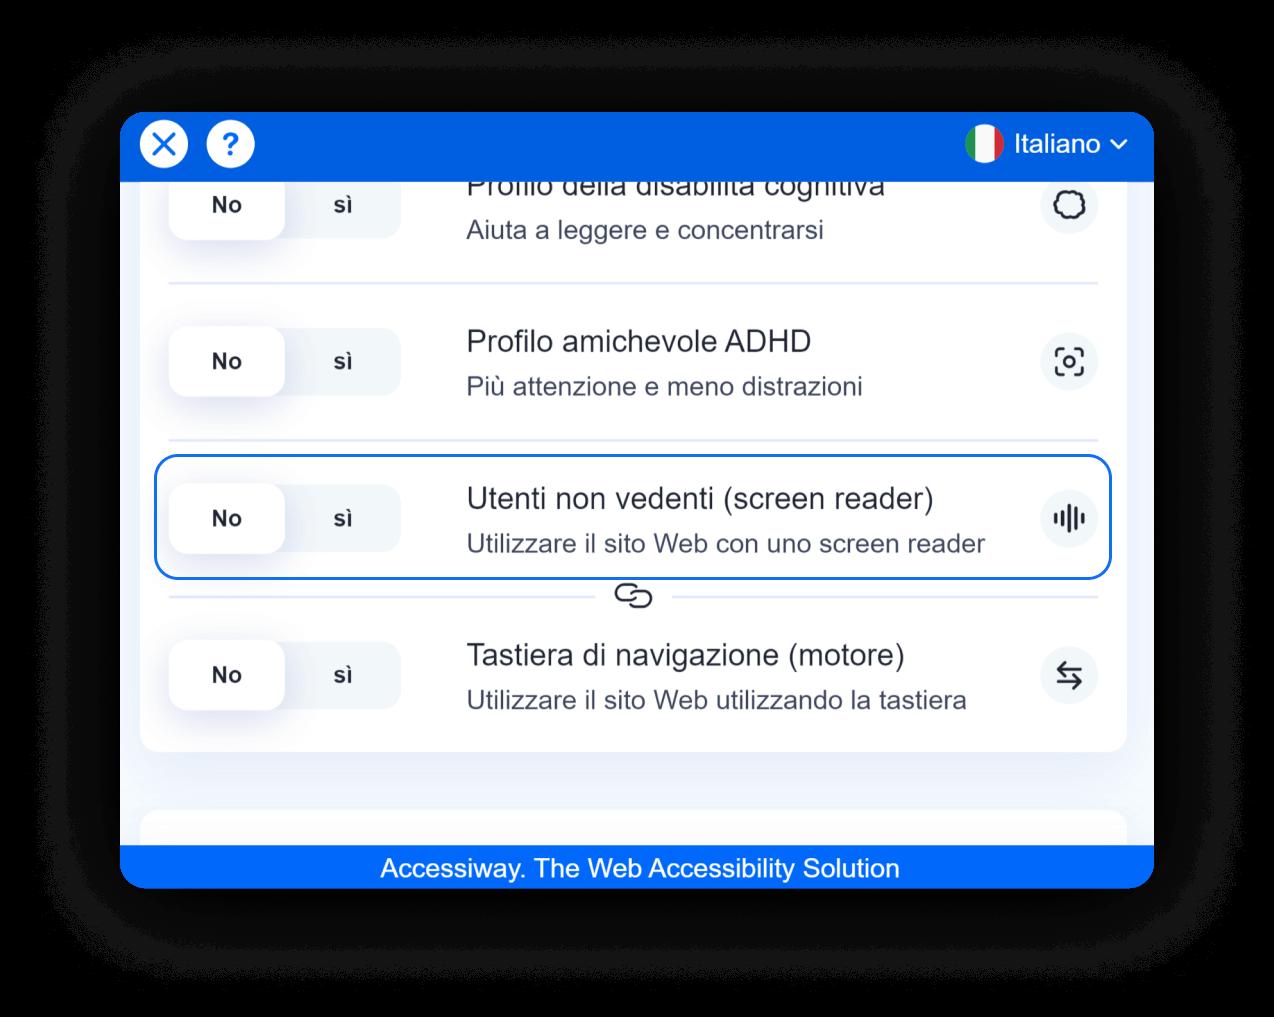 Interfaccia di AccessiWay con selezionato il profilo per Utenti non vedenti